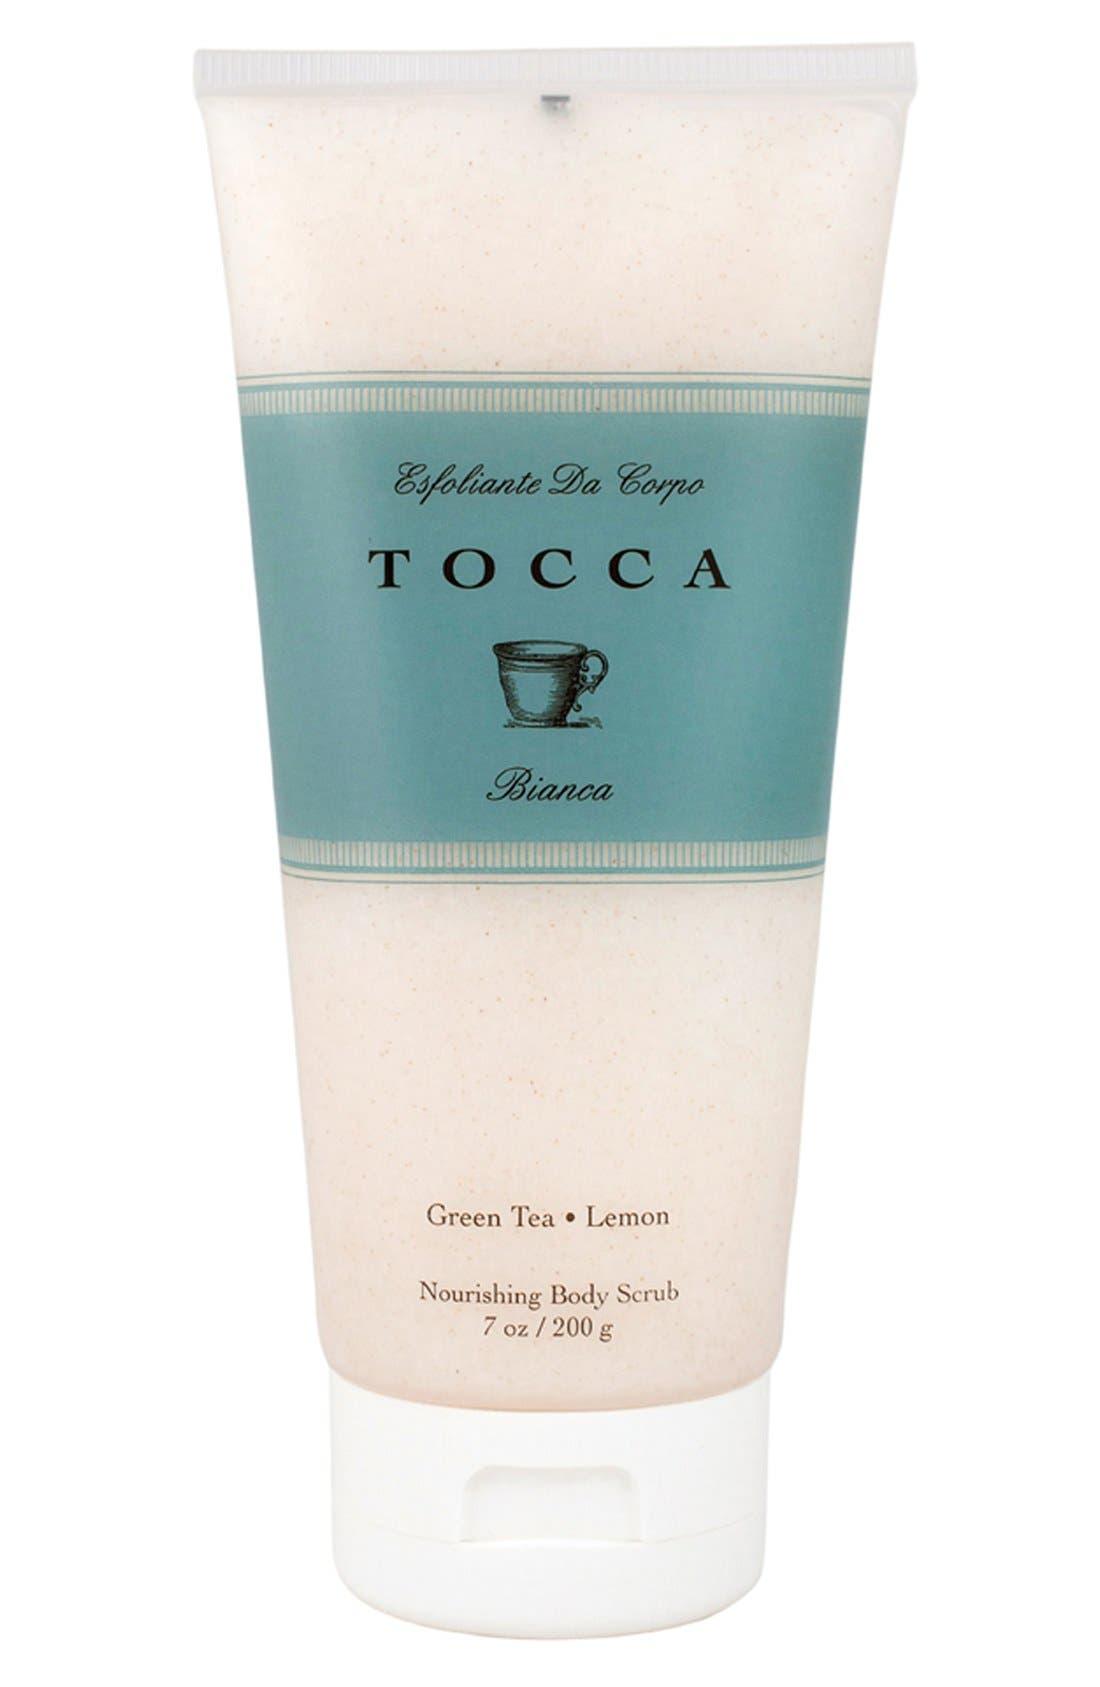 TOCCA 'Bianca - Esfoliante da Corpo' Body Scrub